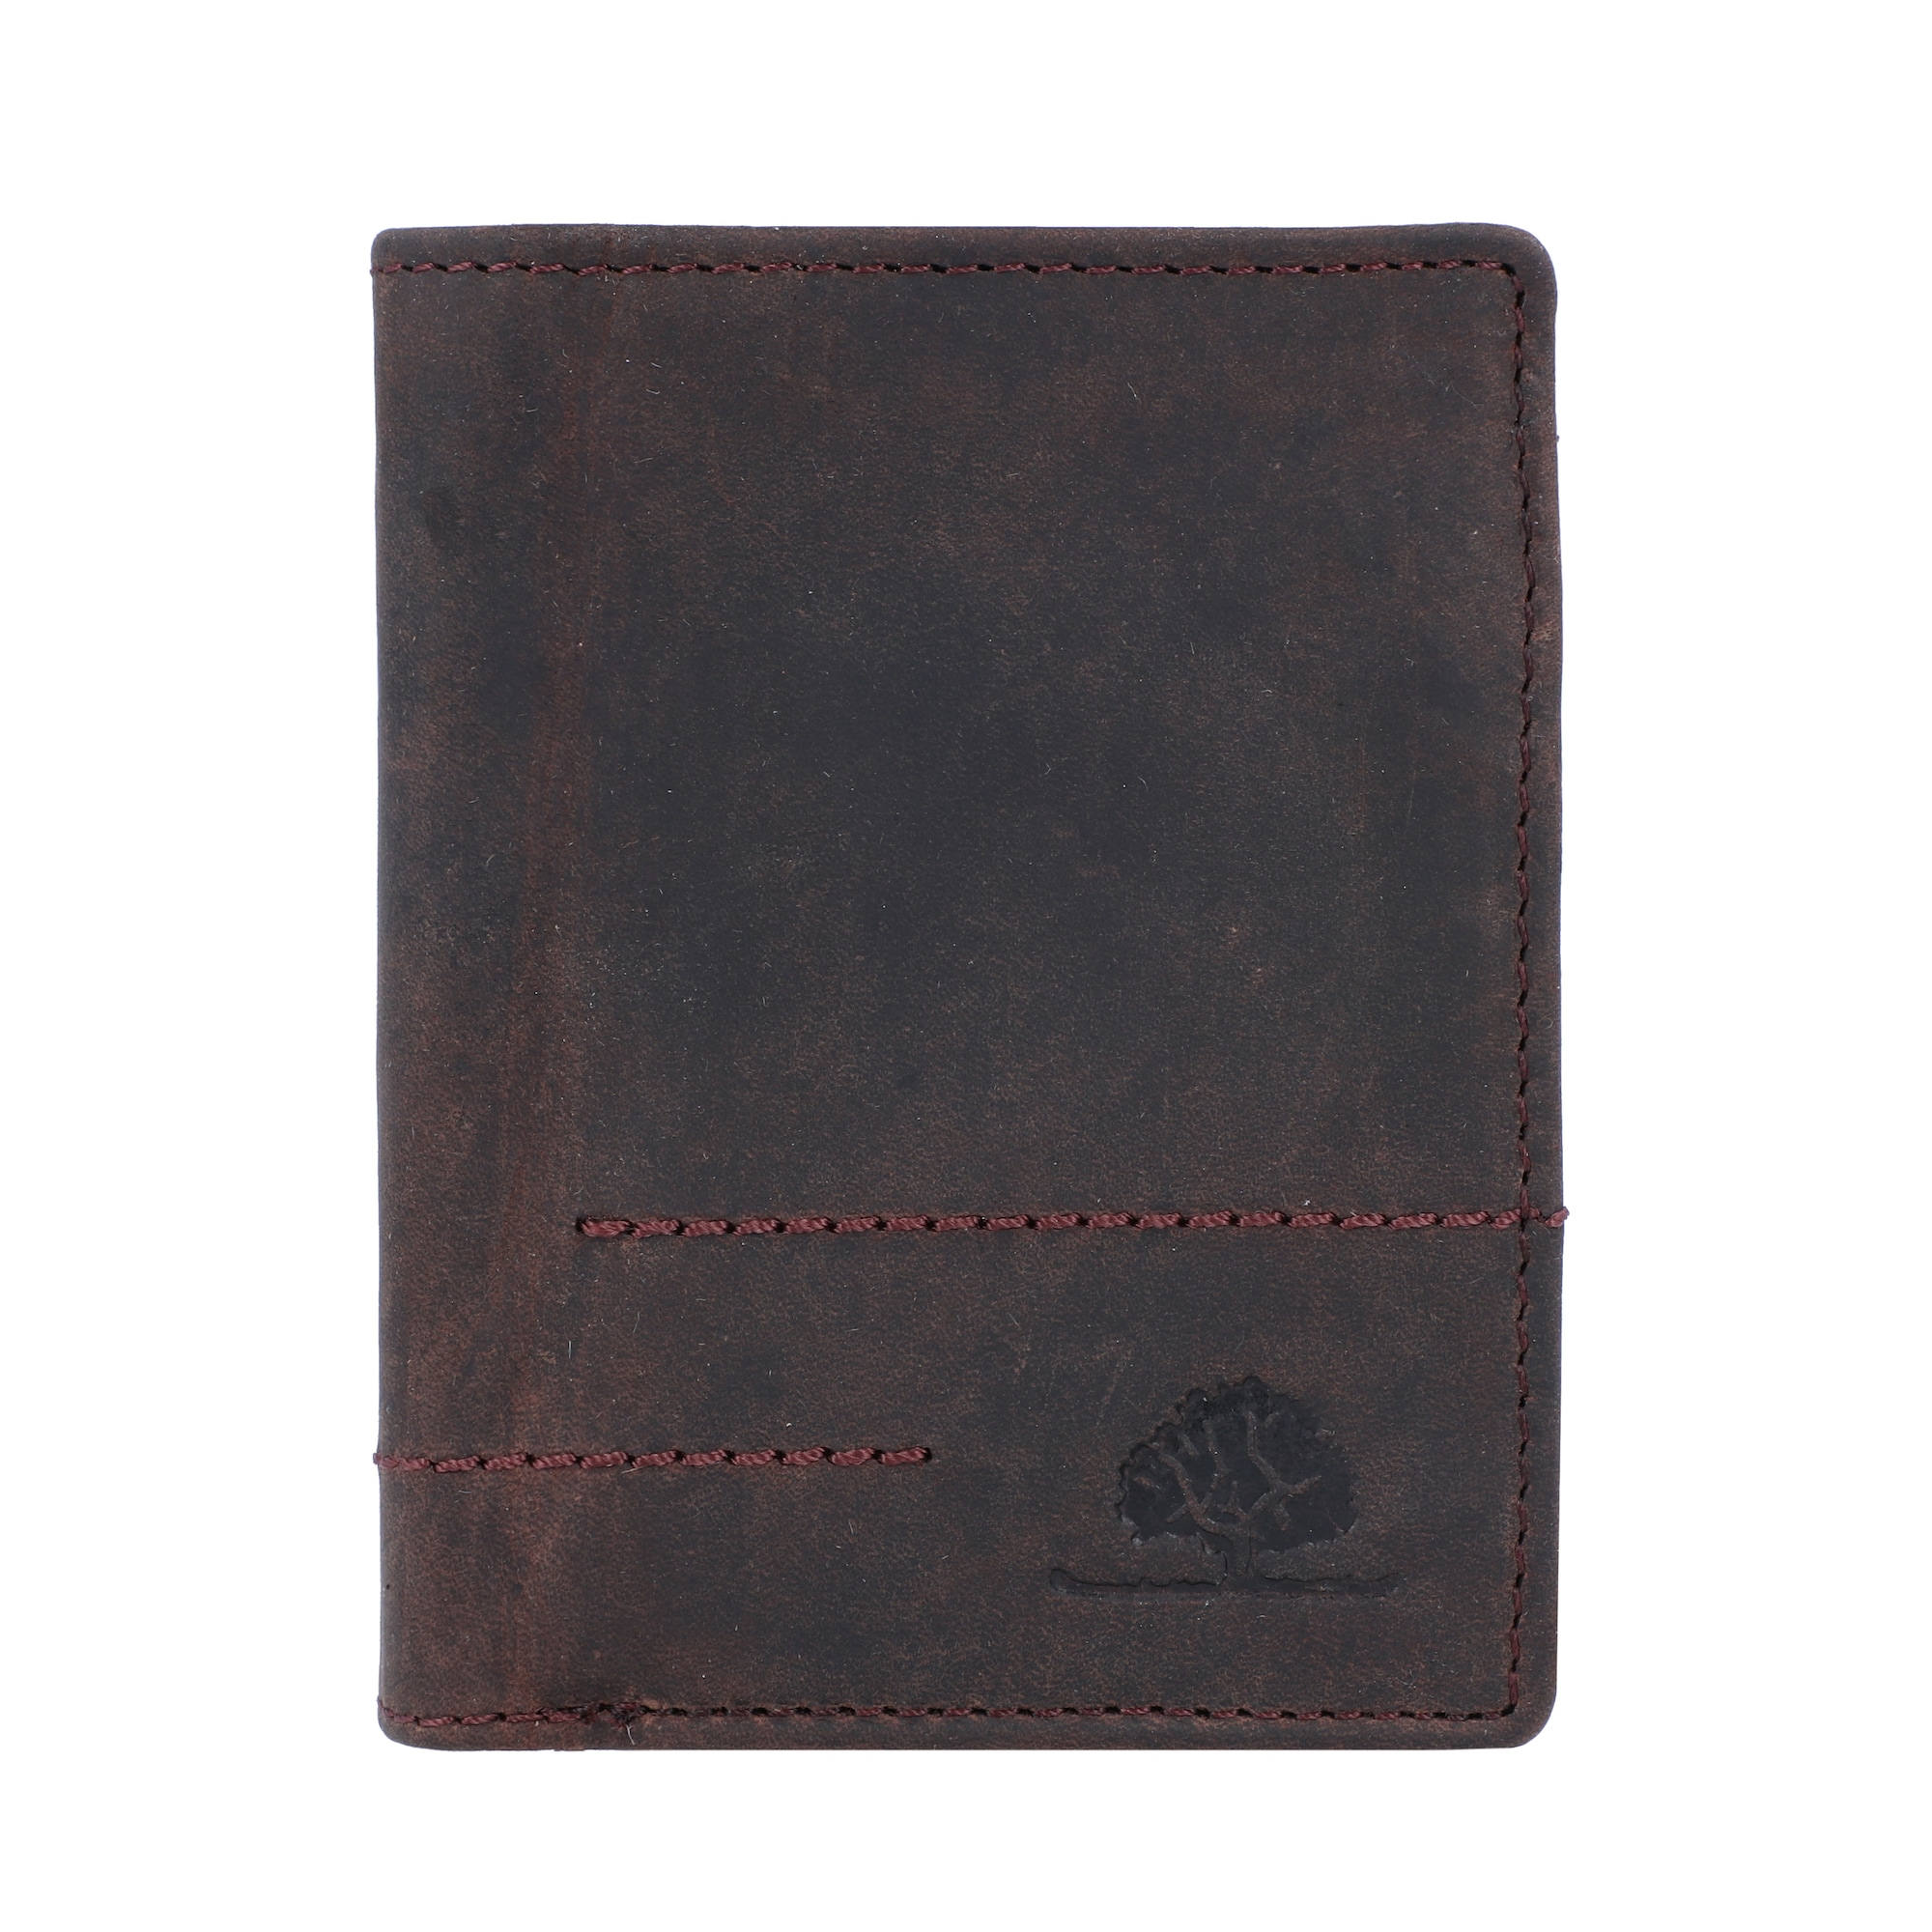 Portemonnaie | Accessoires > Portemonnaies > Sonstige Portemonnaies | GREENBURRY